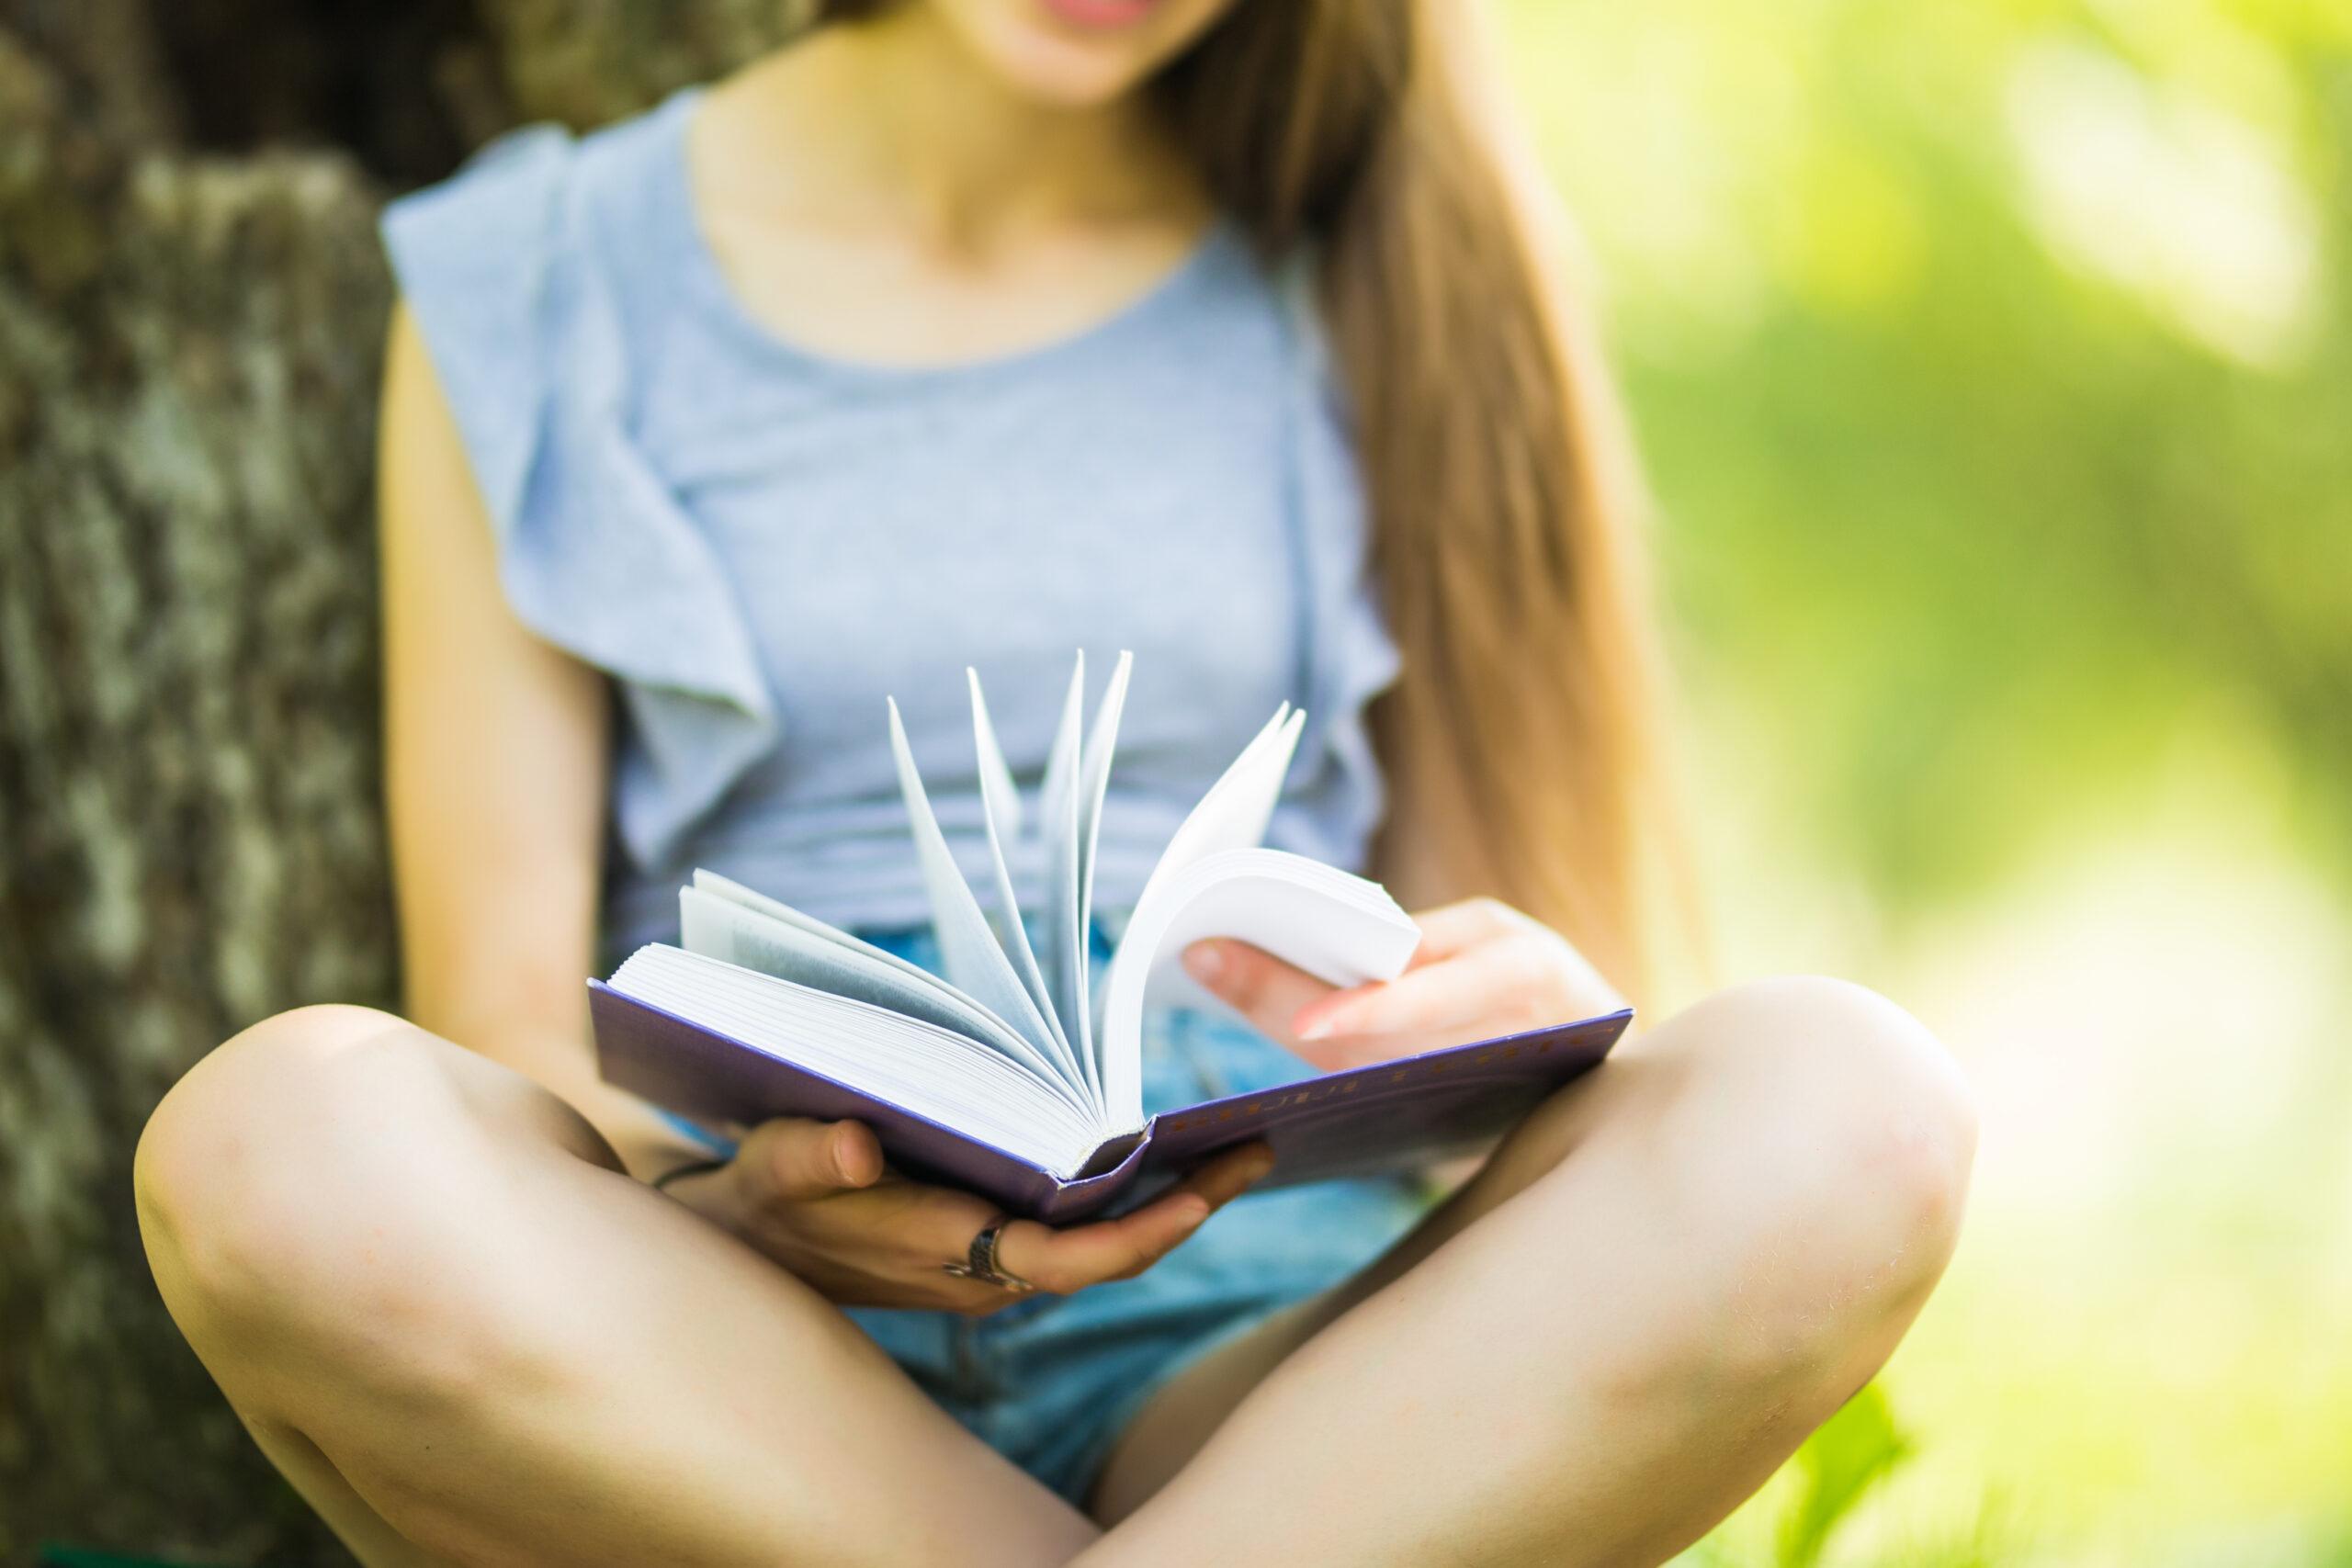 llibres sobre educació